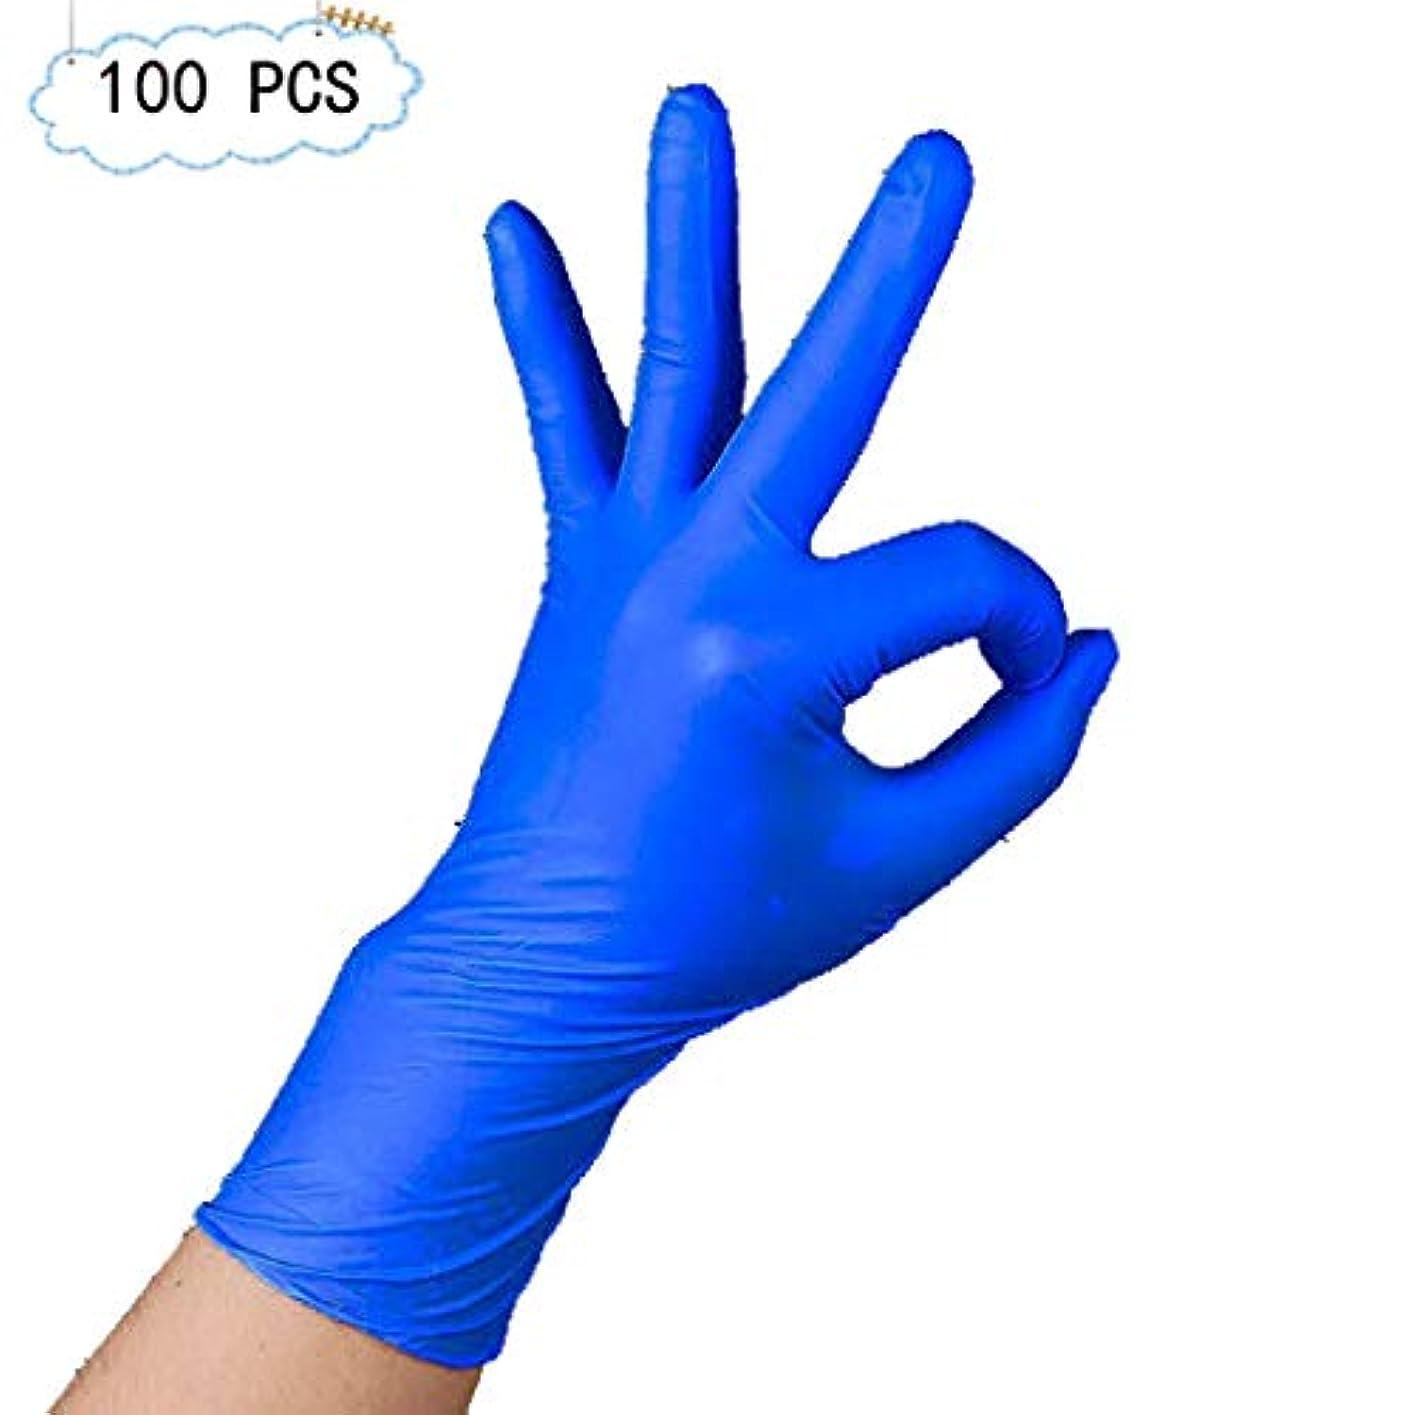 豆立場強盗ニトリル手袋、フルヘンプ増粘、滑り止め使い捨て手袋ペットケアネイルアート検査保護実験、ビューティーサロンラテックスフリー、ダークブルーパウダーフリー、100個 (Size : M)